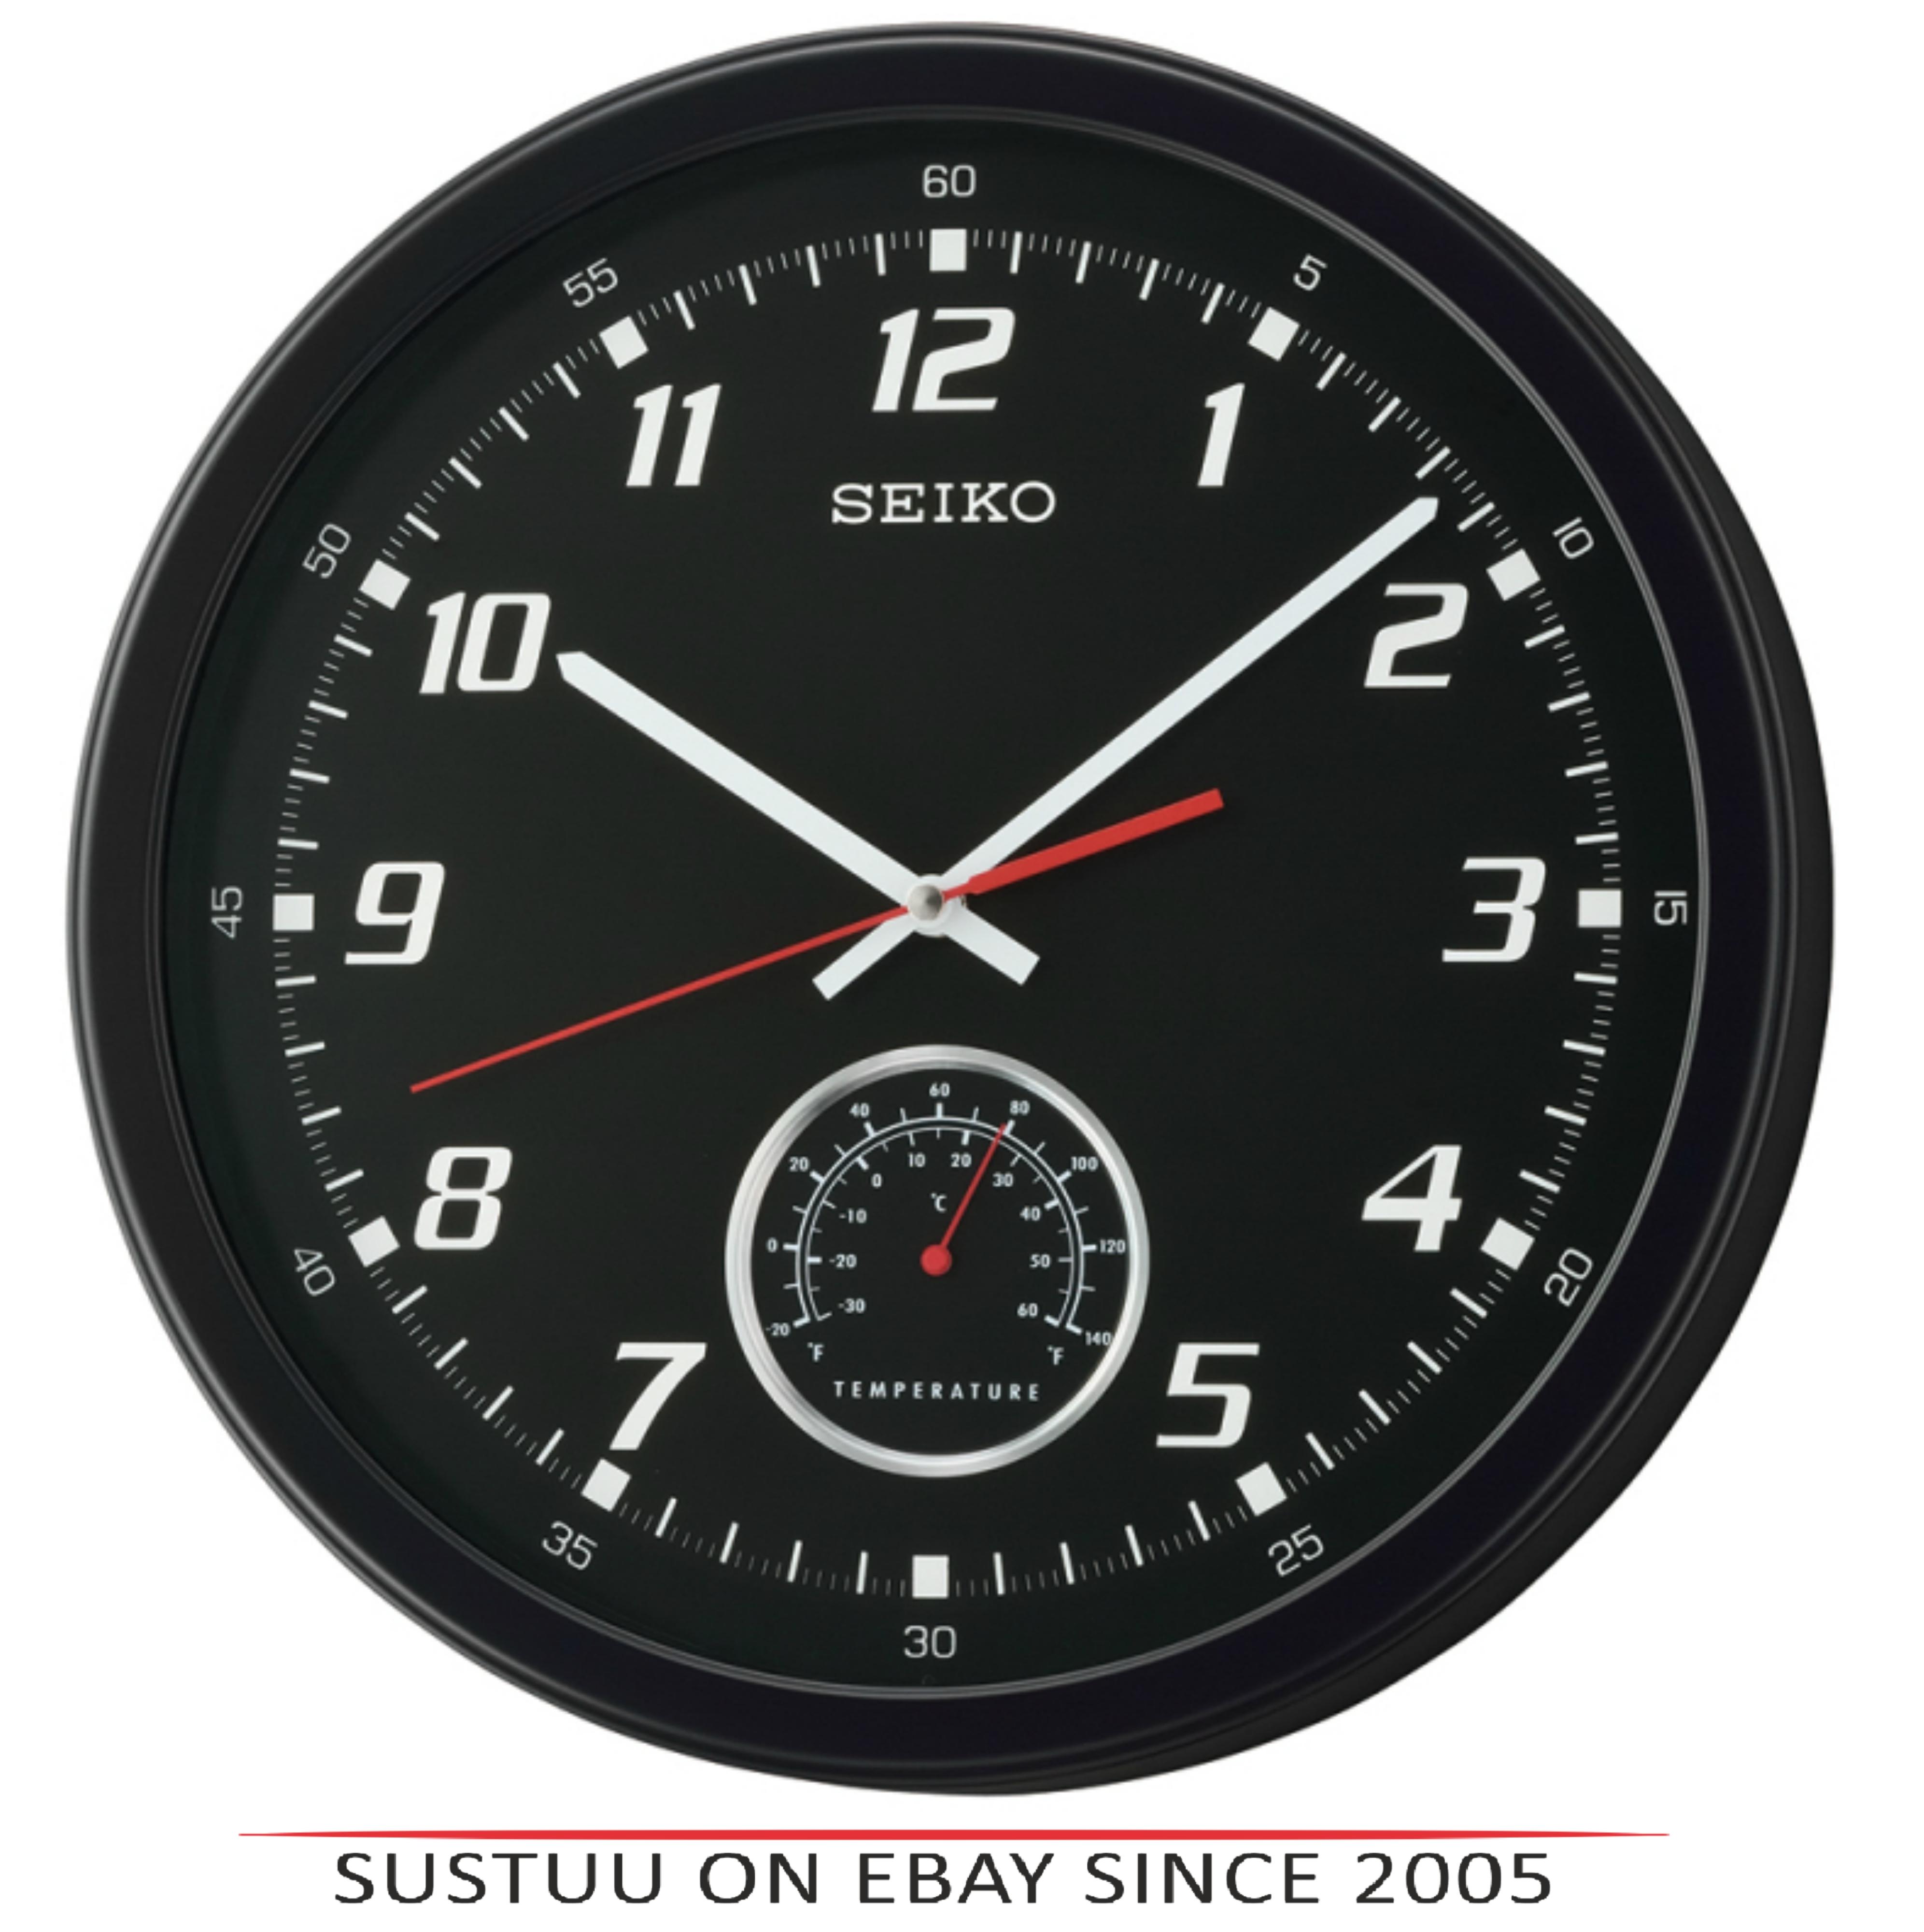 Seiko QXA696K Arabic Numerals Wall Clock with Thermometer - Matt Black Plastic